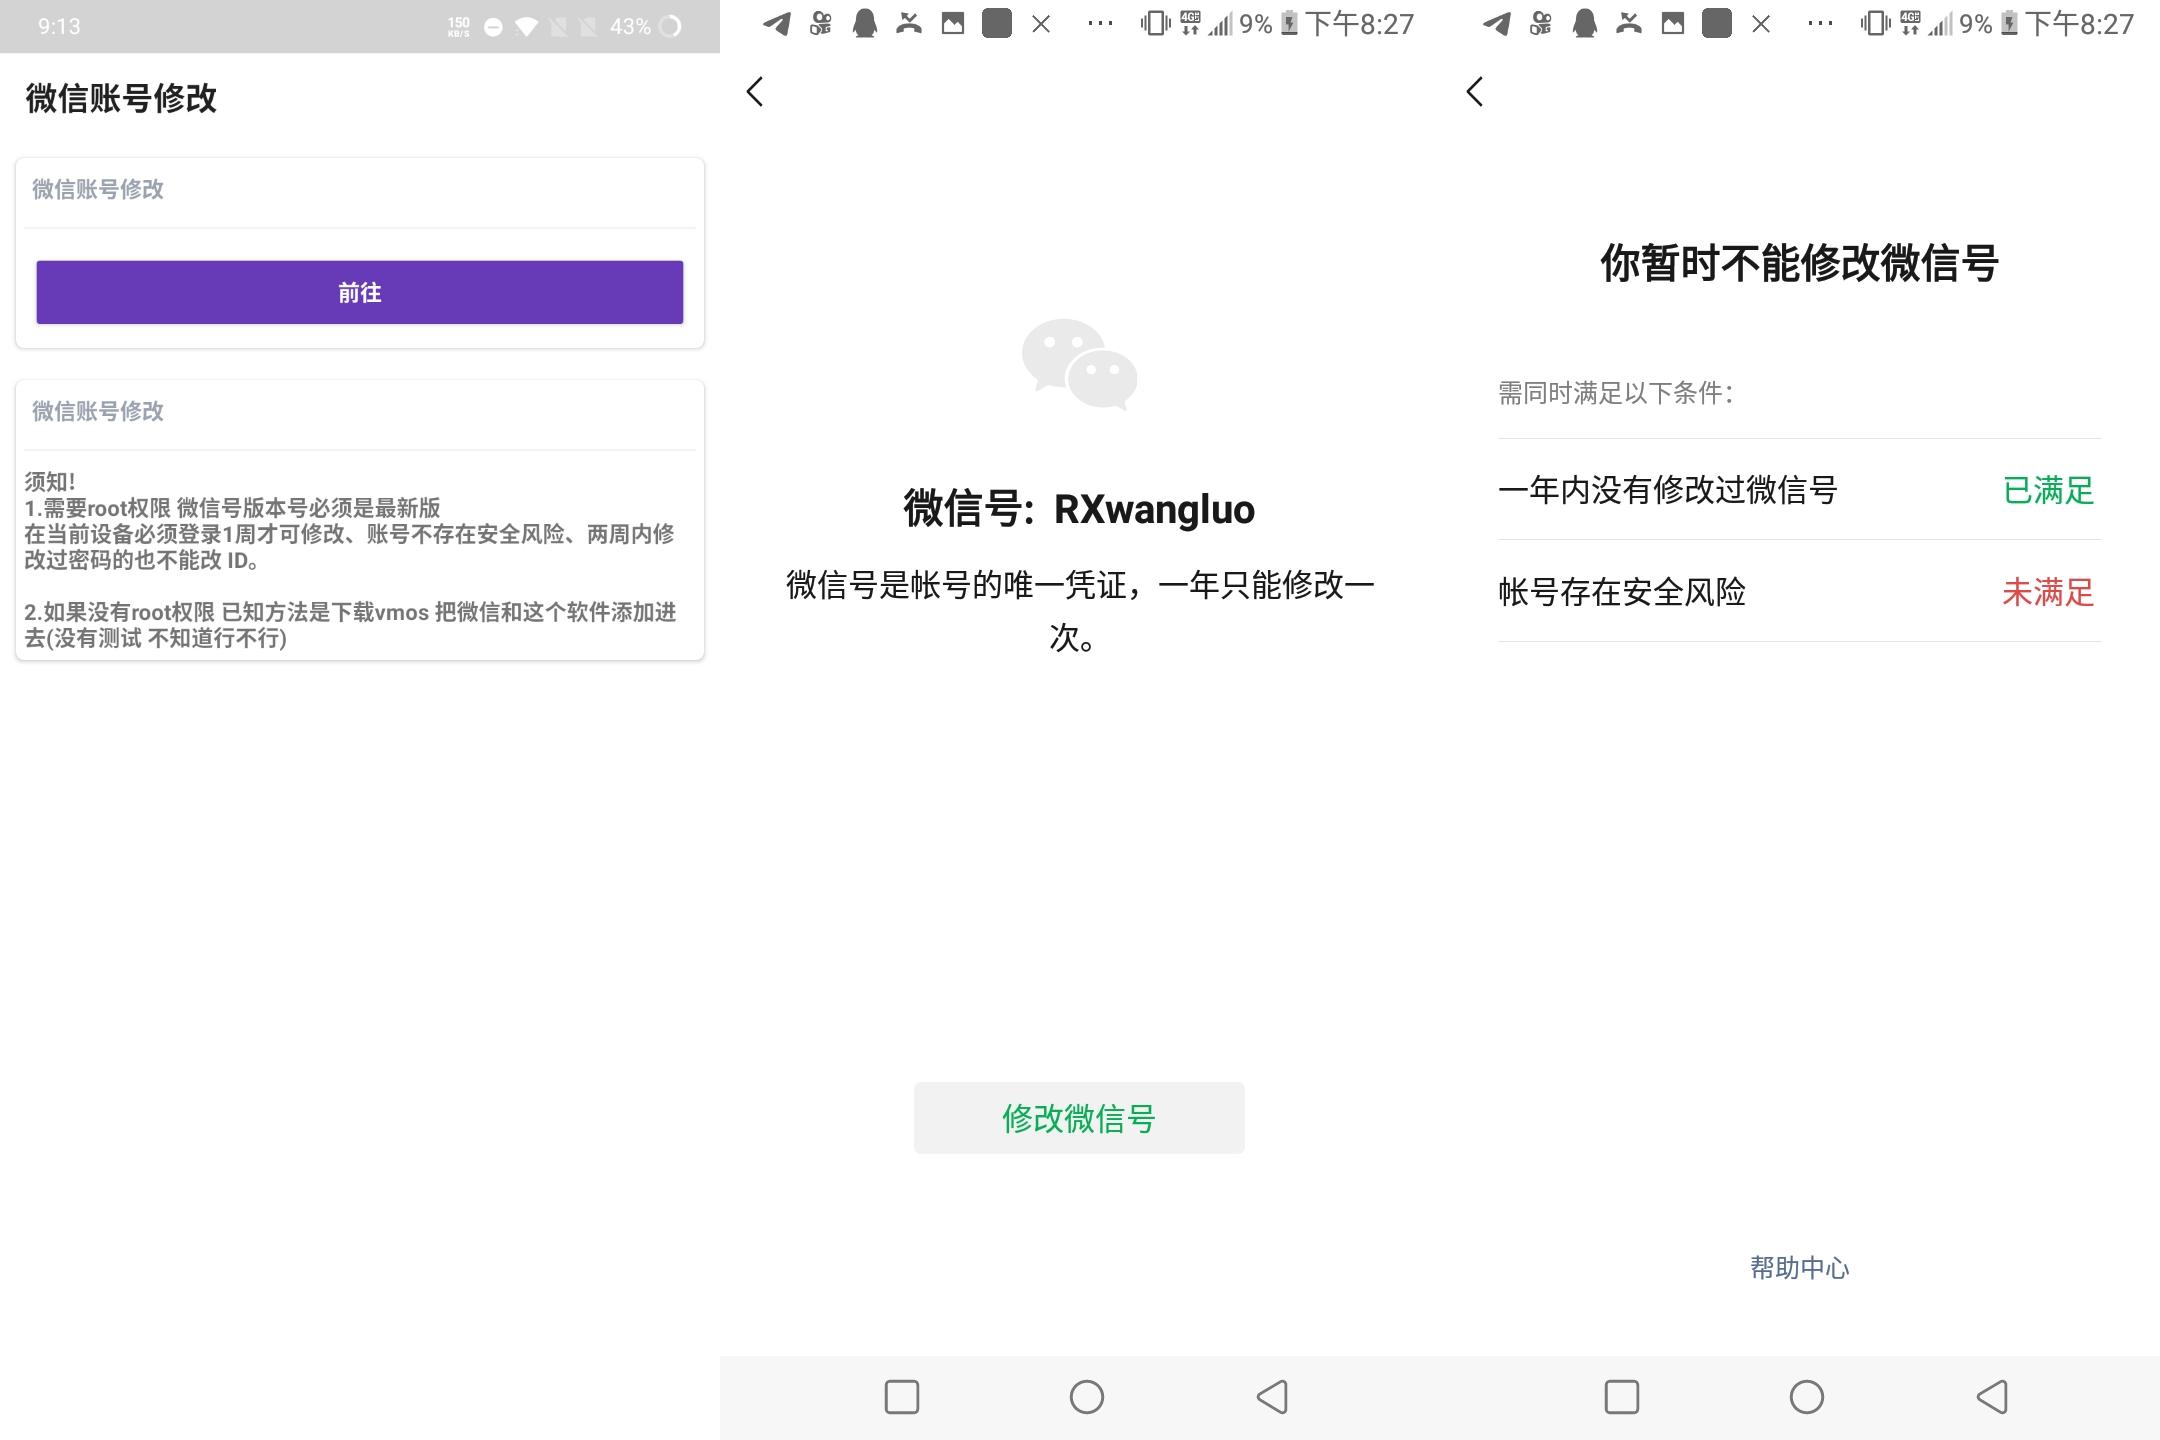 【安卓软件】微信号修改 可修改微信号